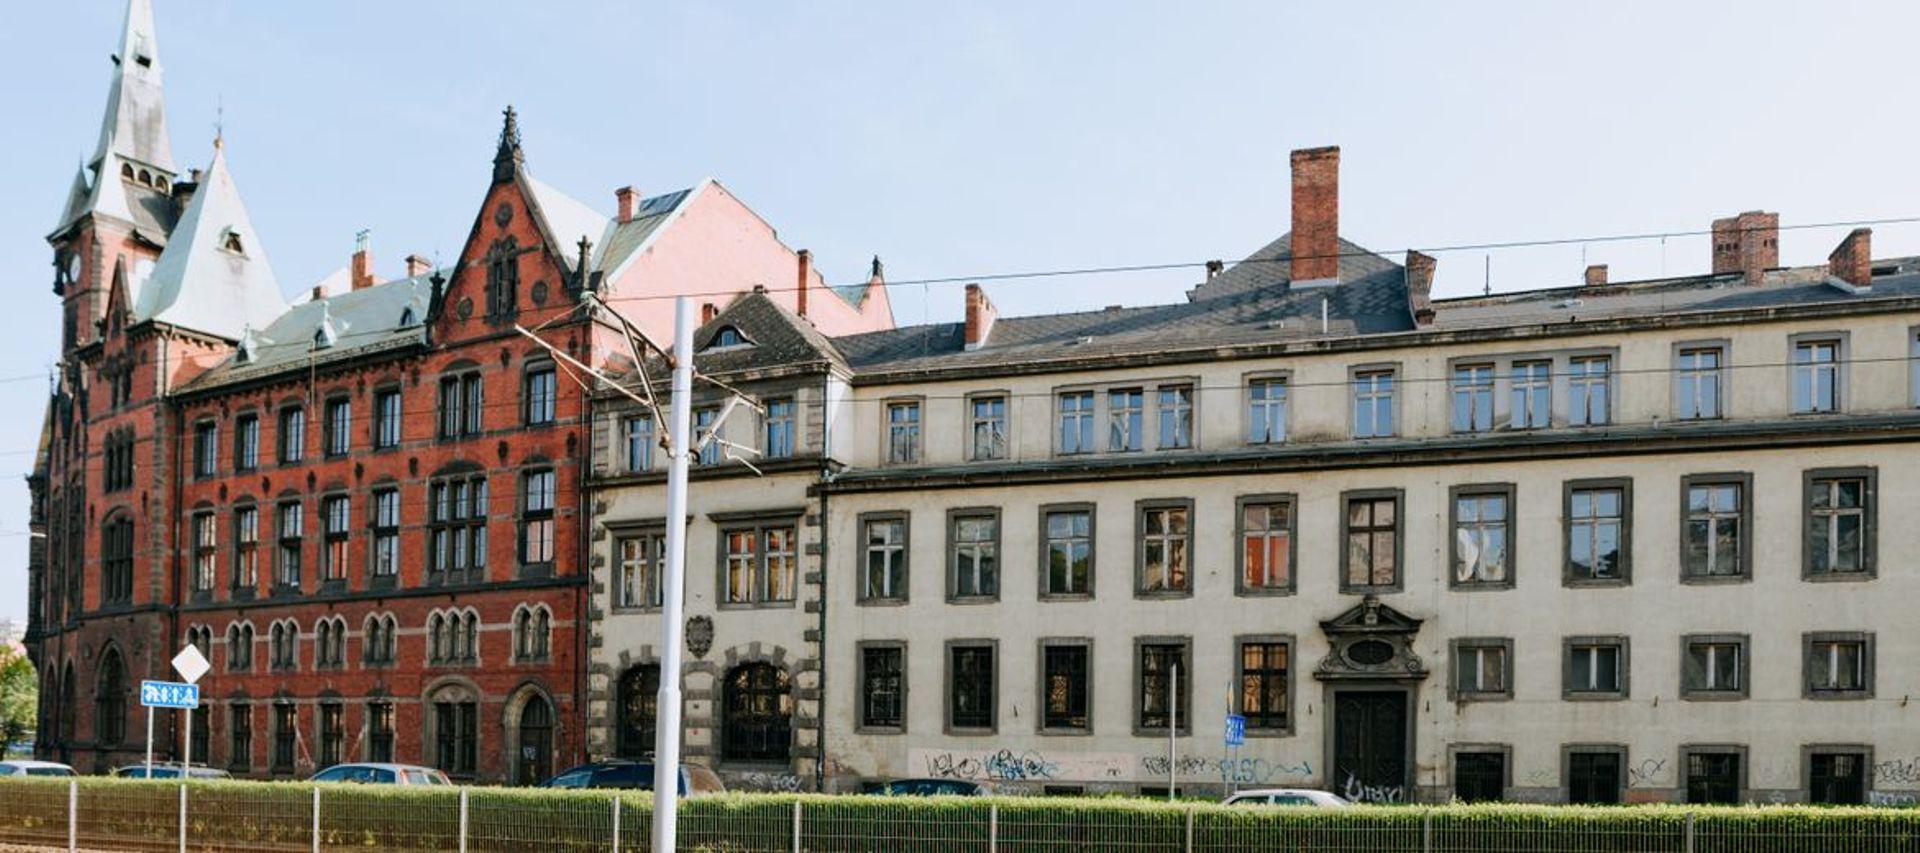 Uniwersytet Wrocławski znów próbuje sprzedać bibliotekę i pałac przy Rynku – tym razem osobno